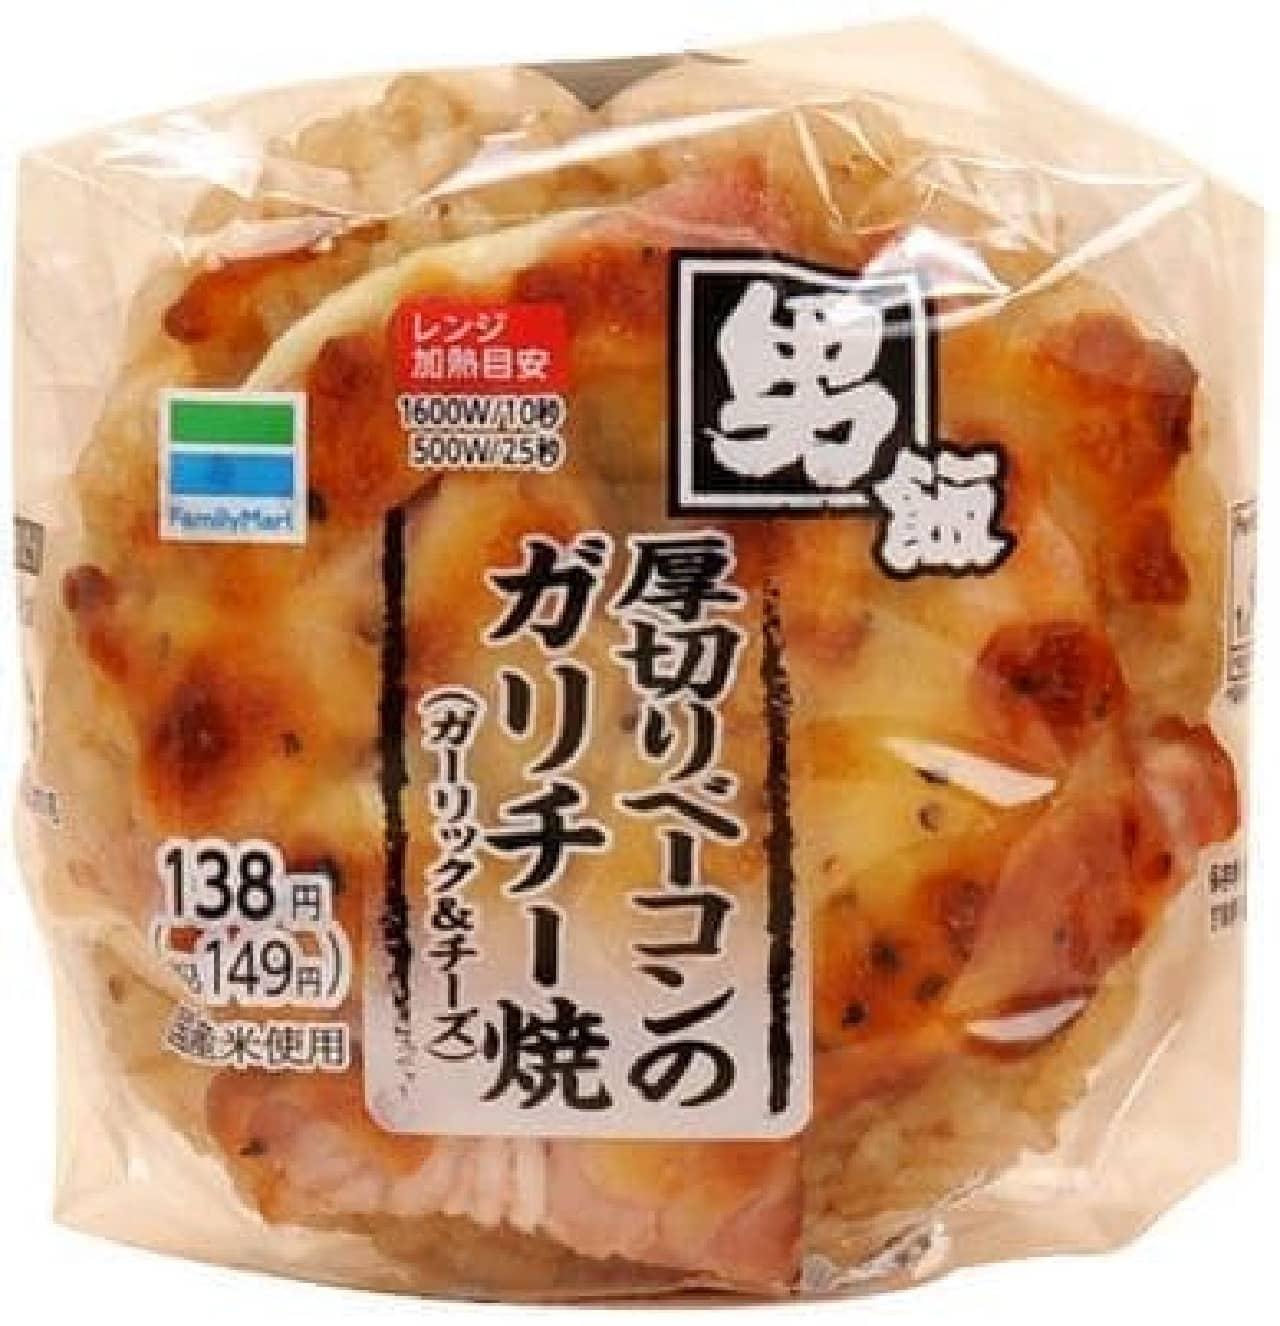 ファミリーマート「男飯 厚切りベーコンのガリチー焼」